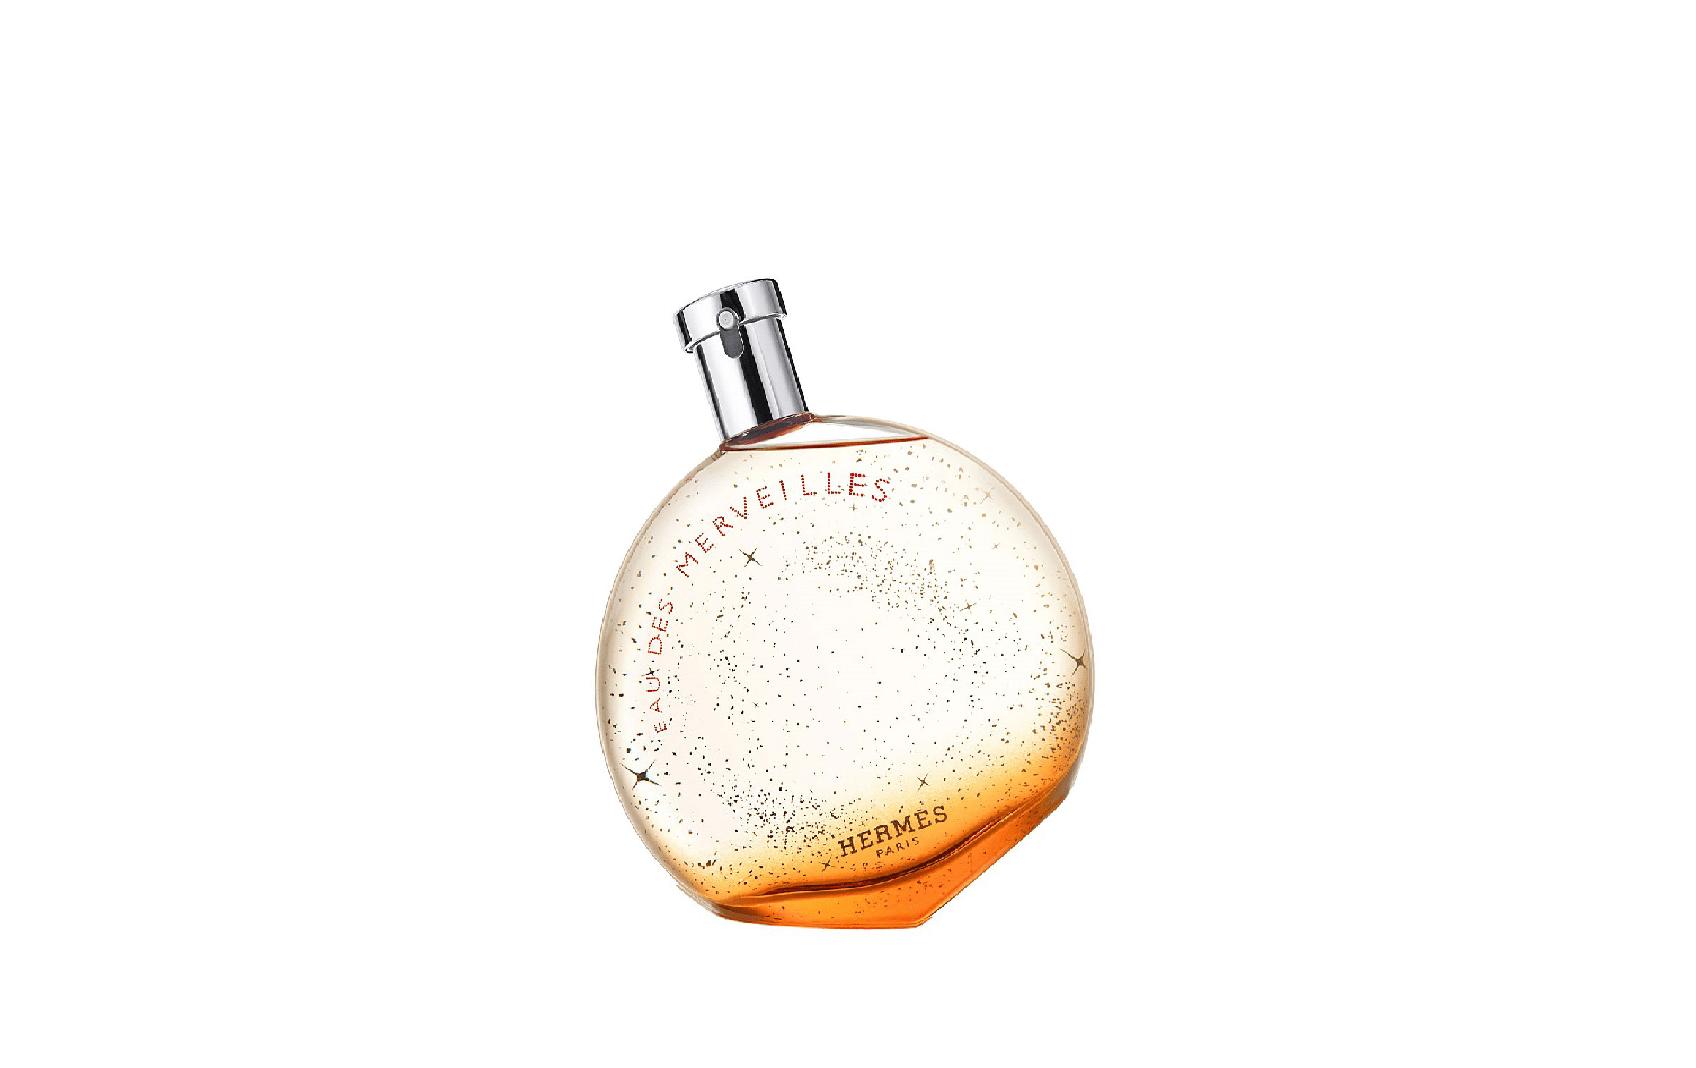 https://cdn.celes-perfume.com/wp-content/uploads/2019/04/Hermes-%E2%80%93-Eau-des-Merveilles-min.png